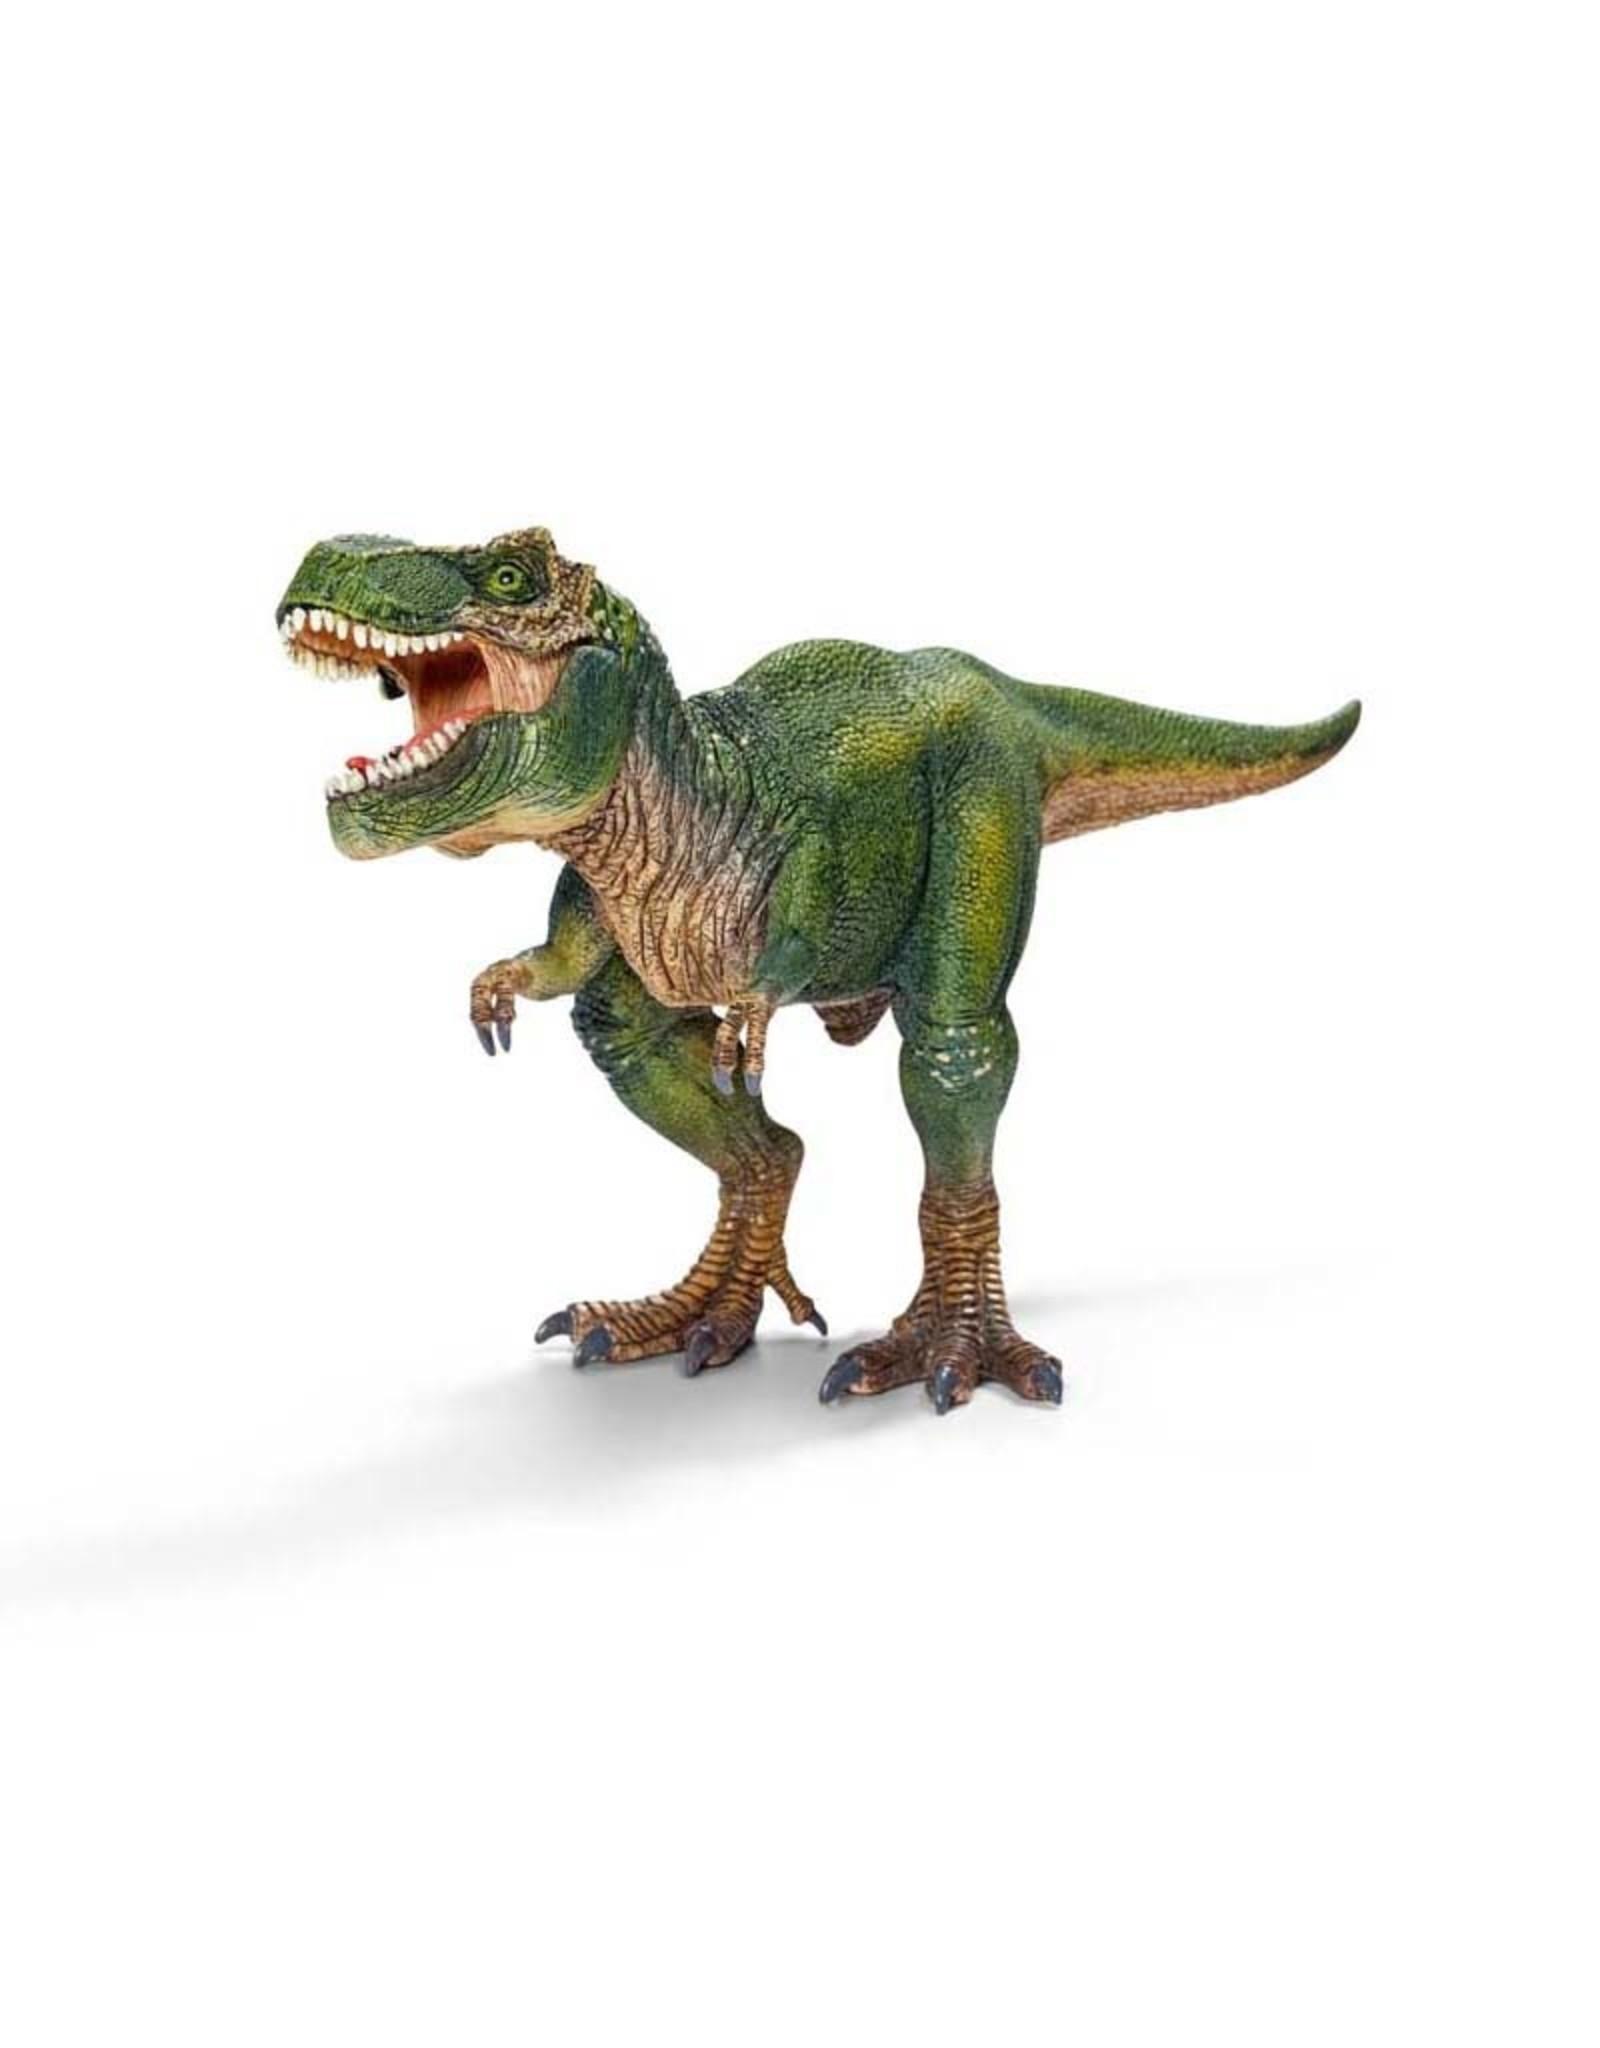 Schleich Schleich T Rex New